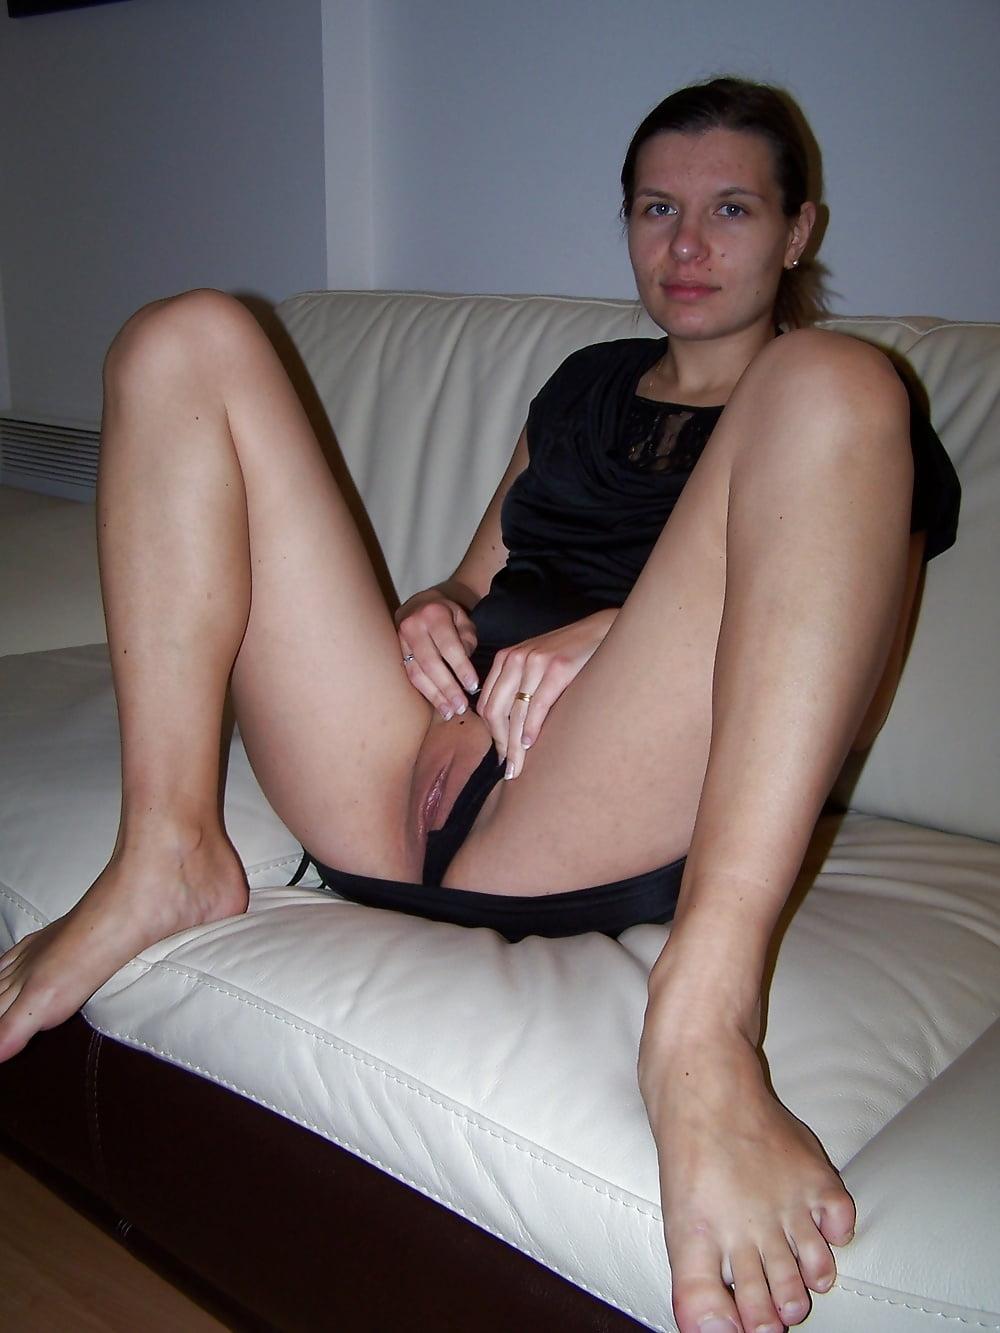 Секретарша стейси порно фото из воронежа баб без труселей